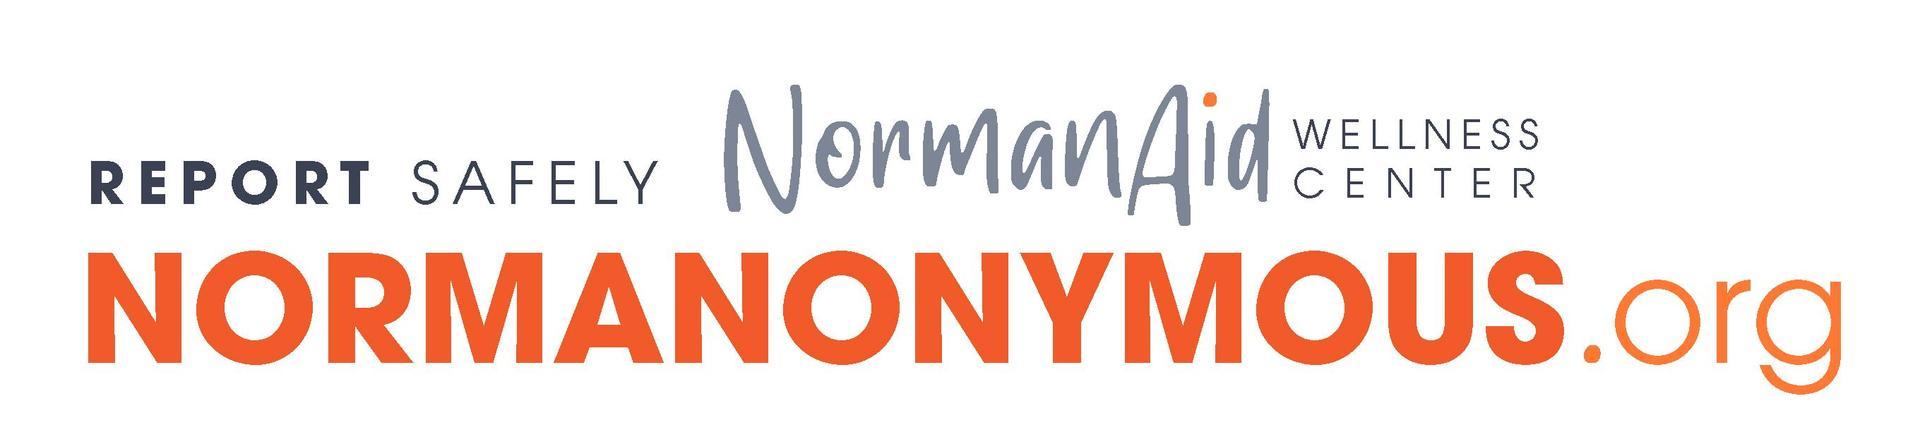 Normanonymous